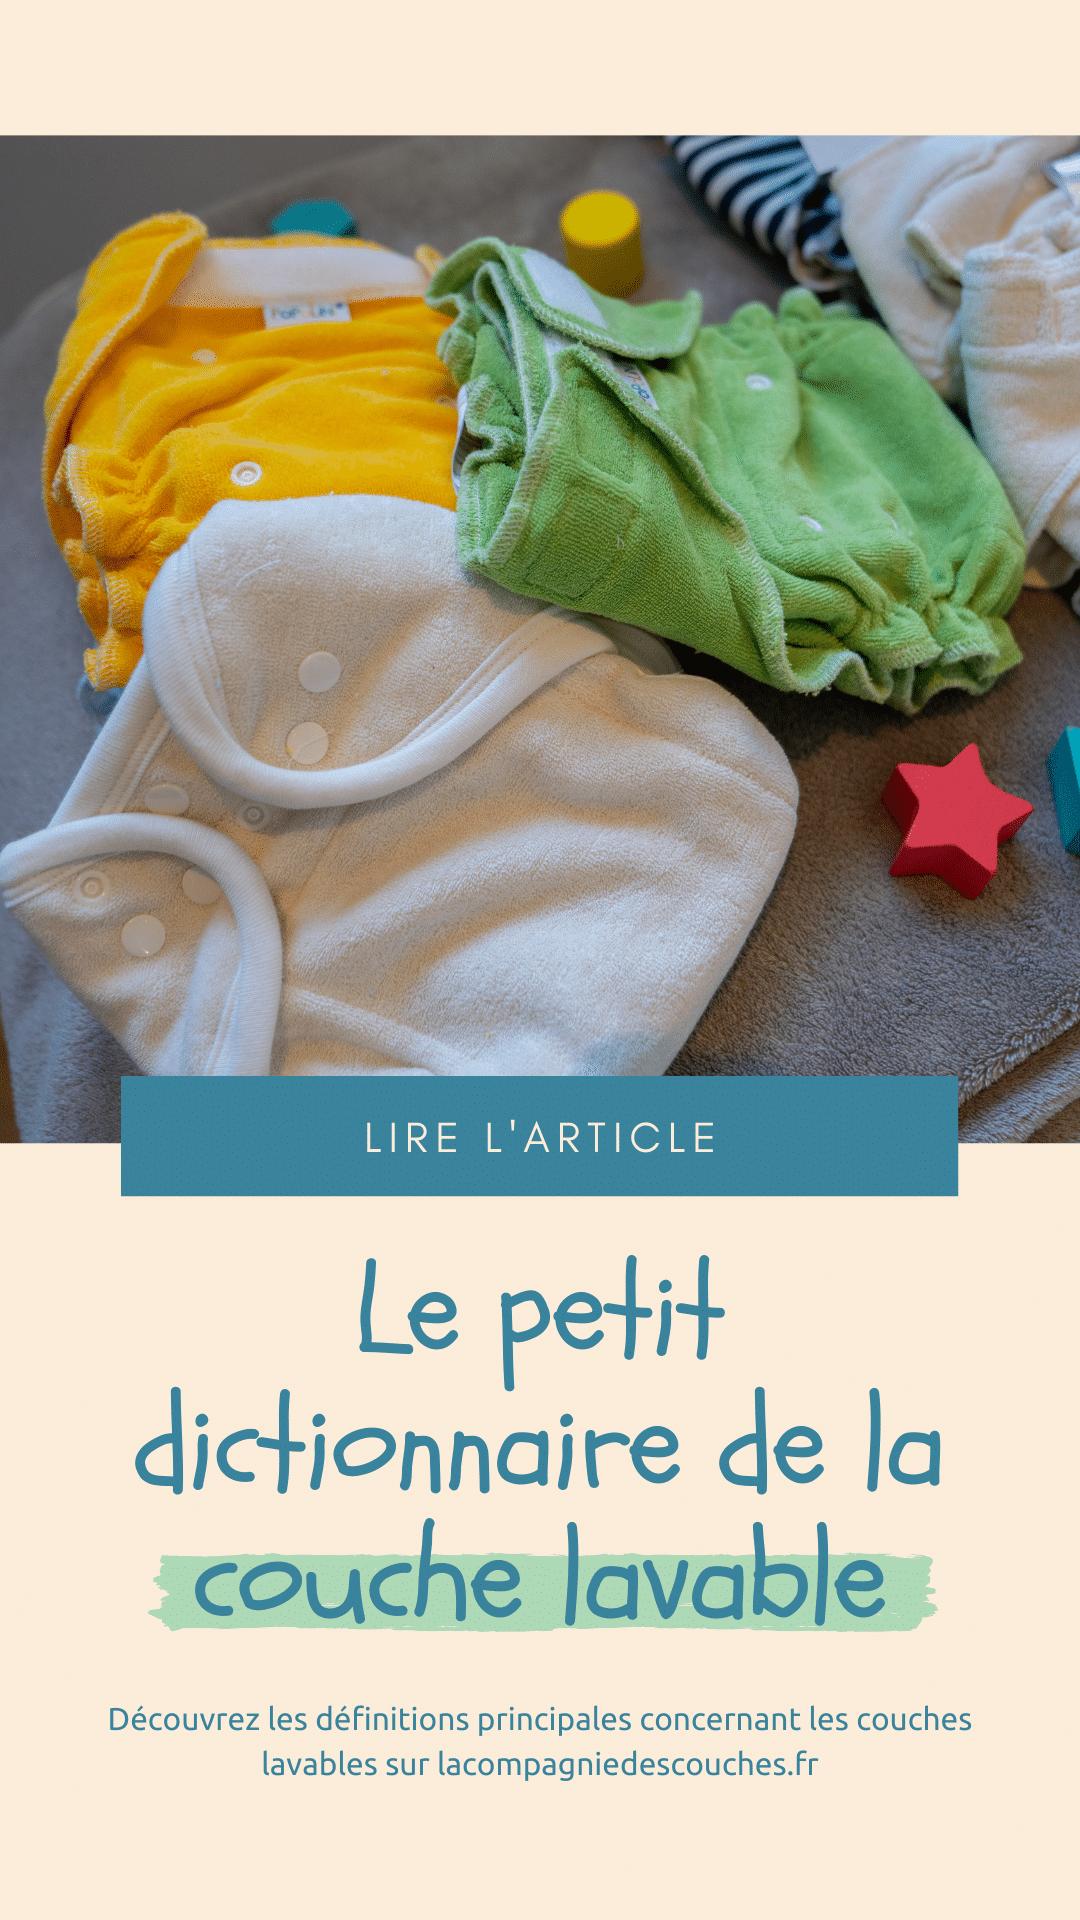 Le petit dictionnaire de la couche lavable